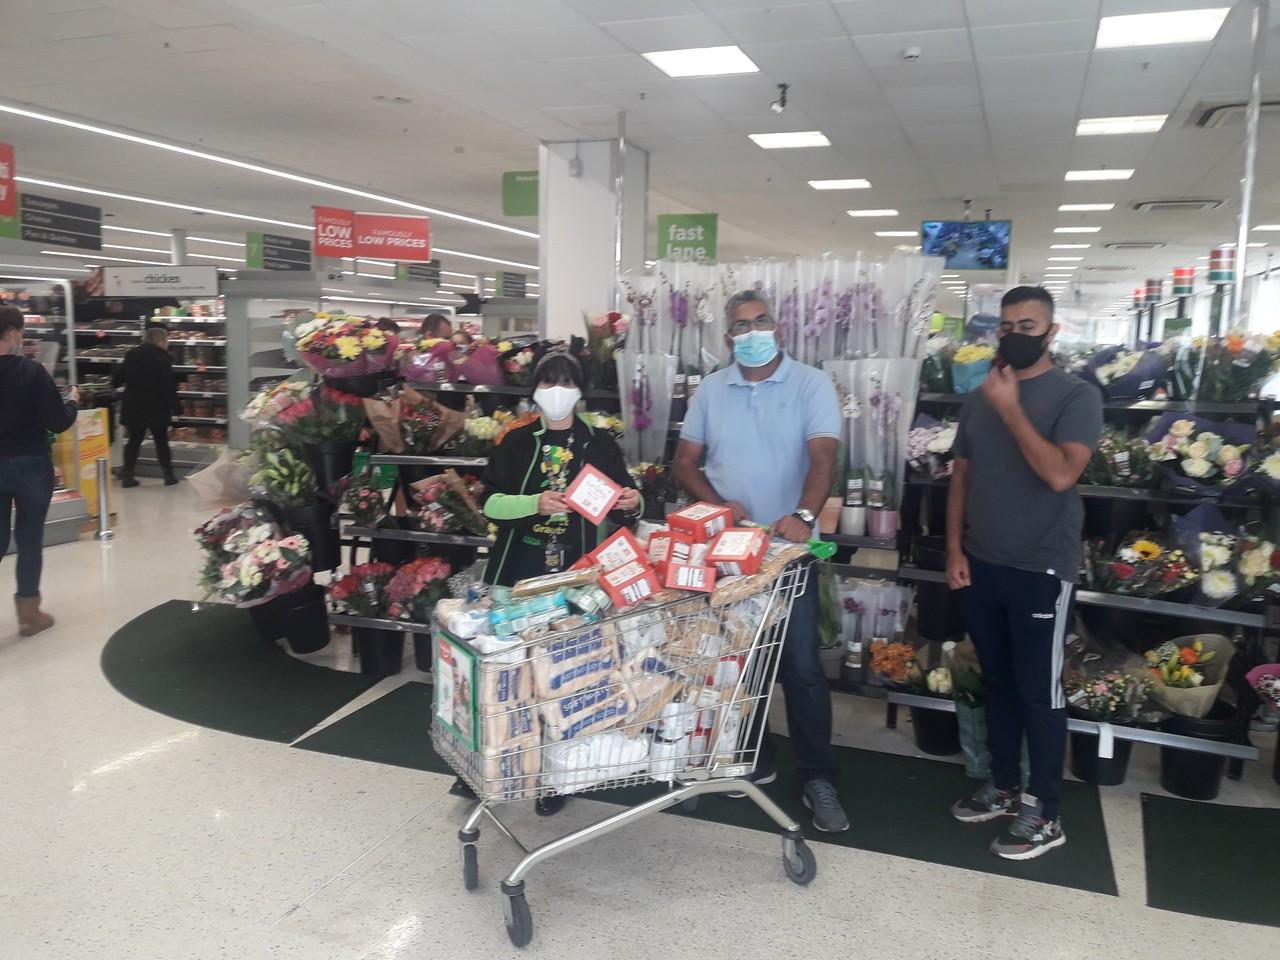 Foodbank donation | Asda Huddersfield